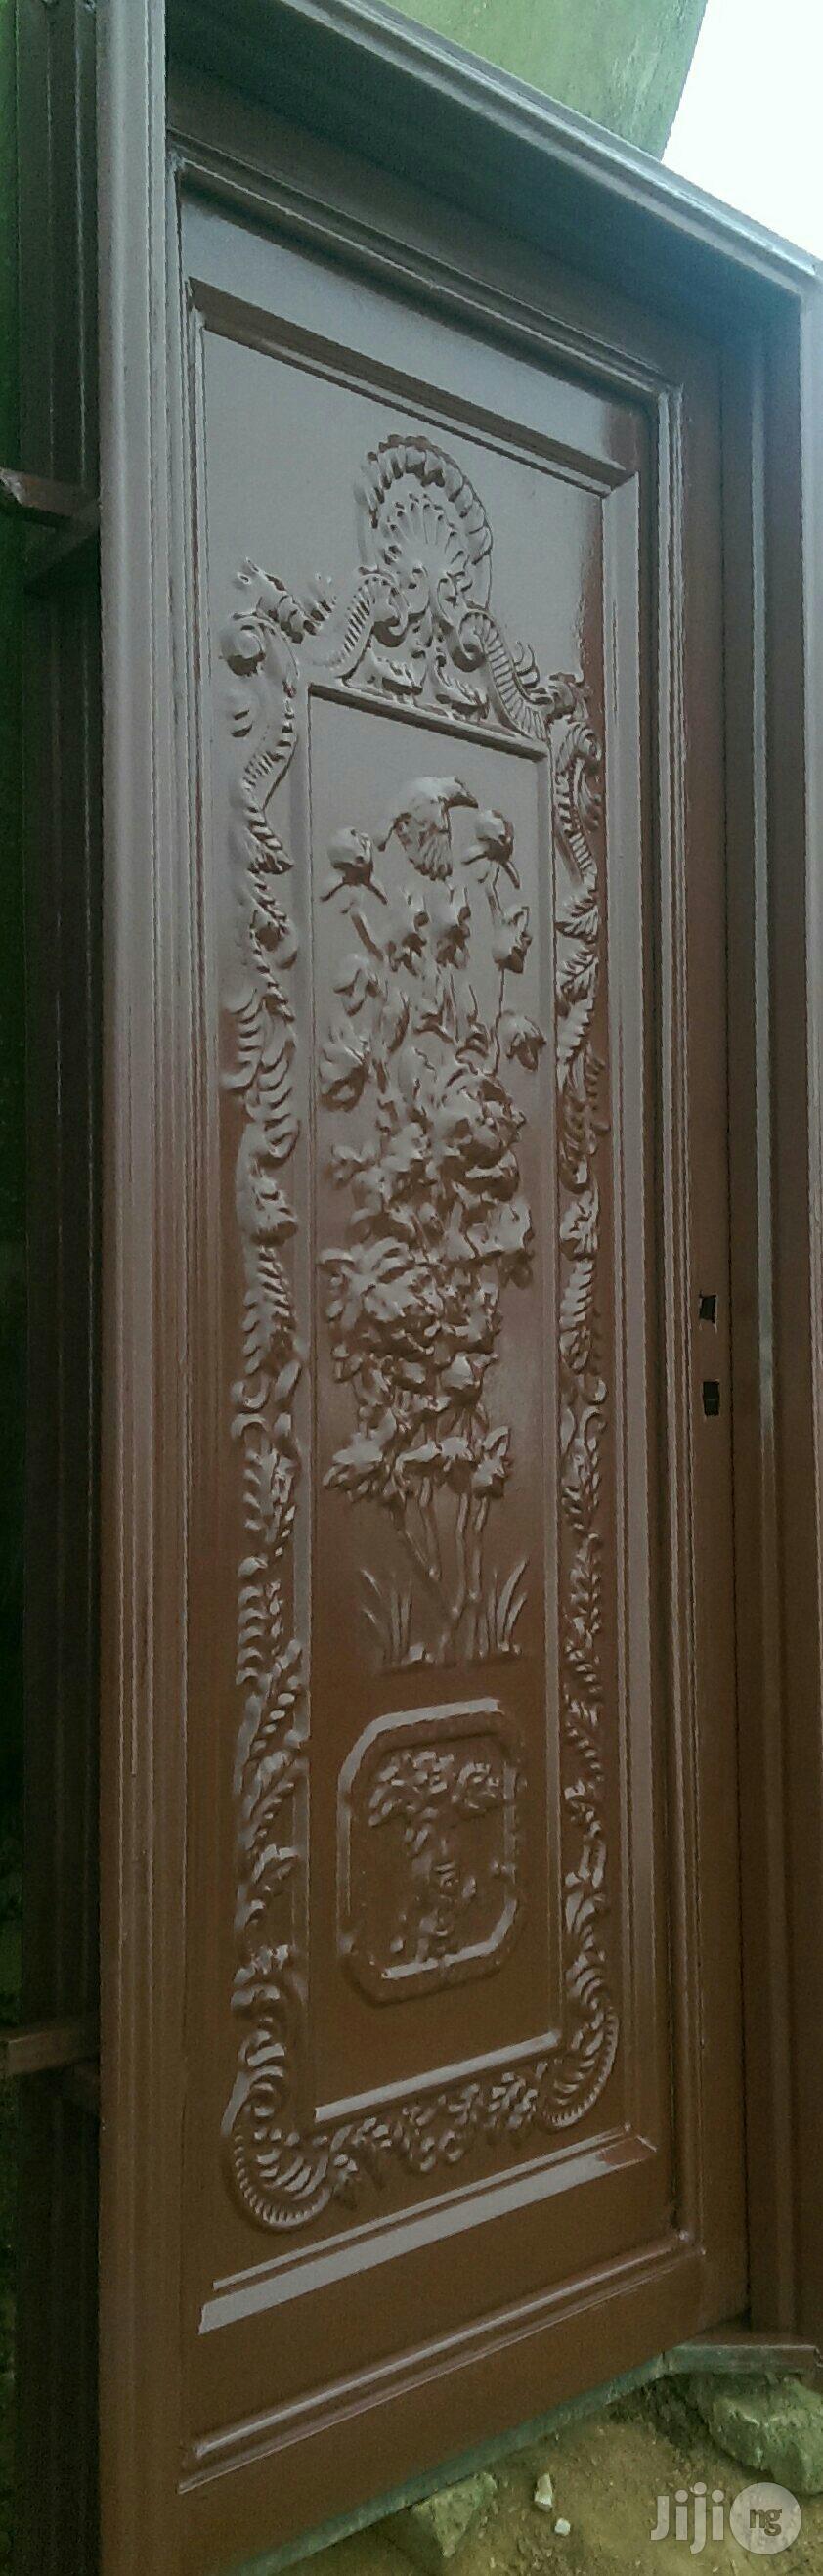 Strong Iron Door | Doors for sale in Agege, Lagos State, Nigeria